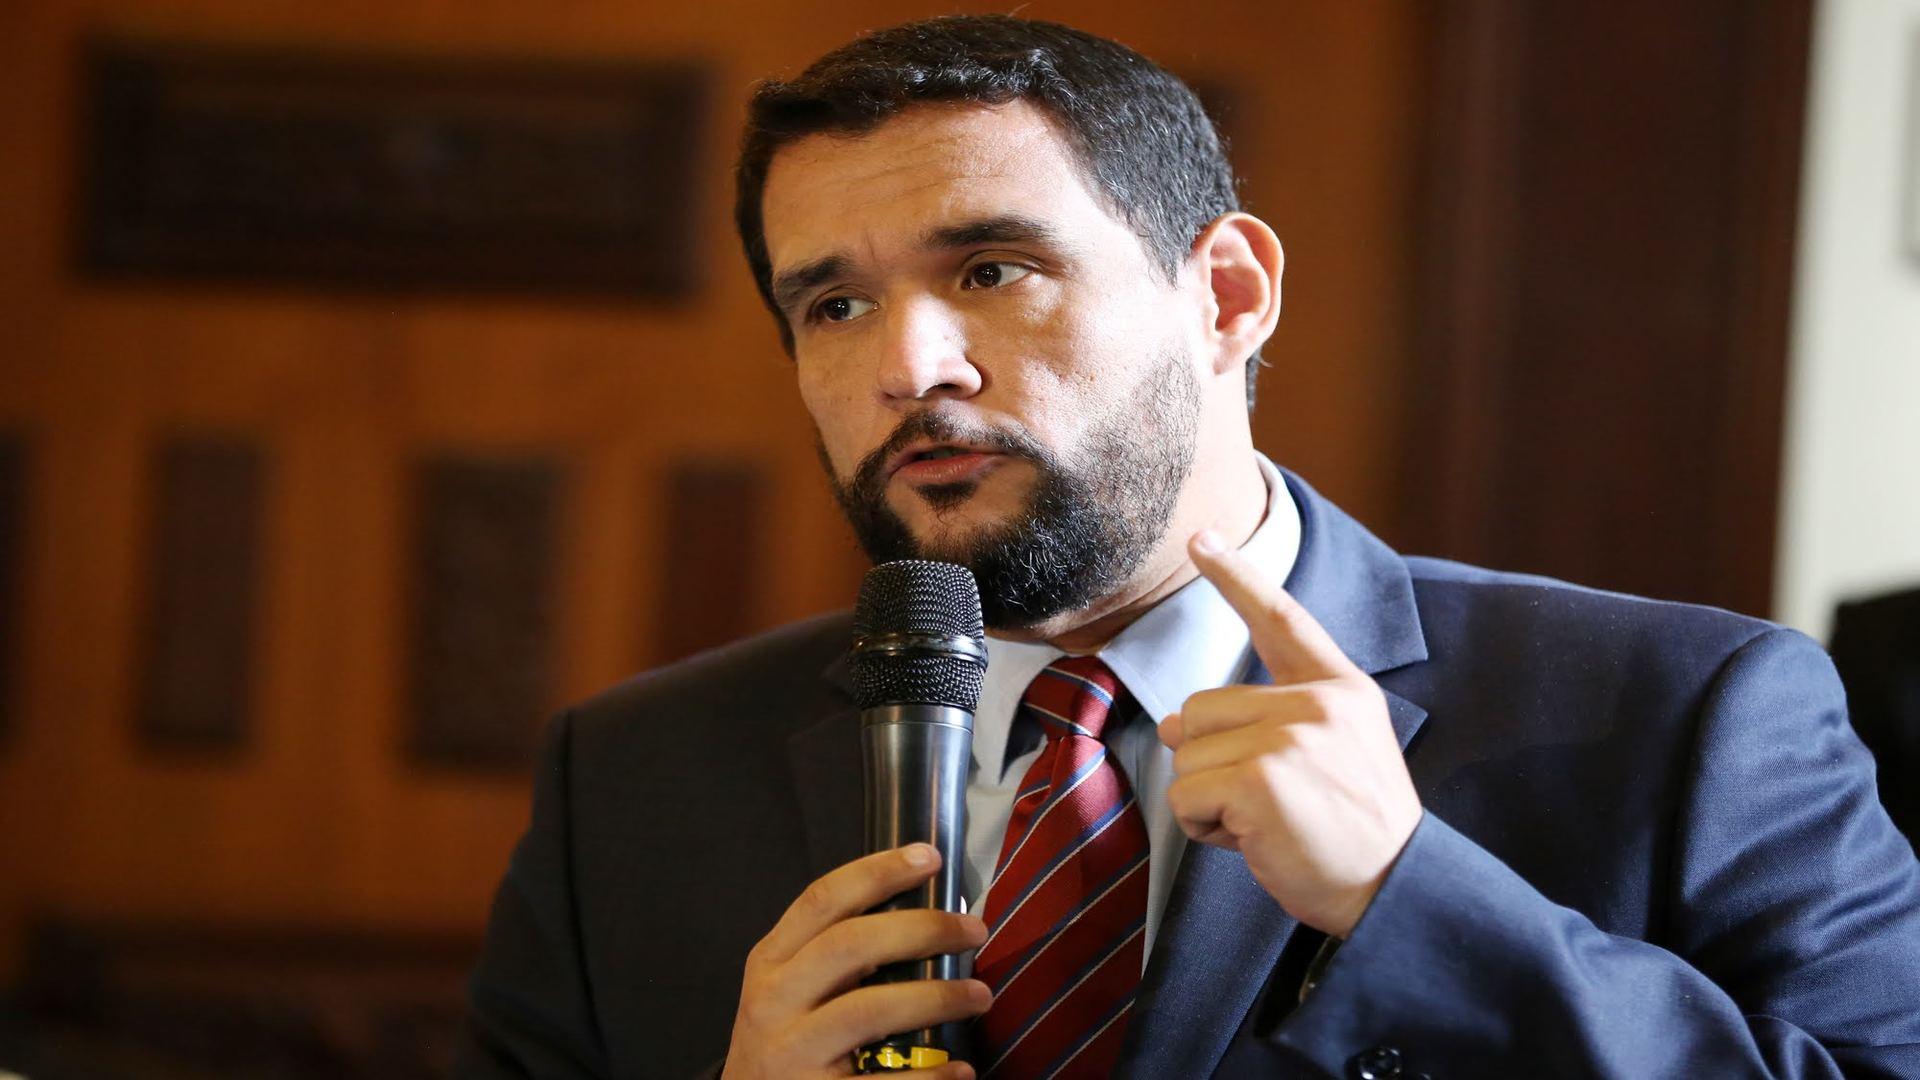 Matheus: La aspiración de Maduro es destruir los partidos que lo adversan